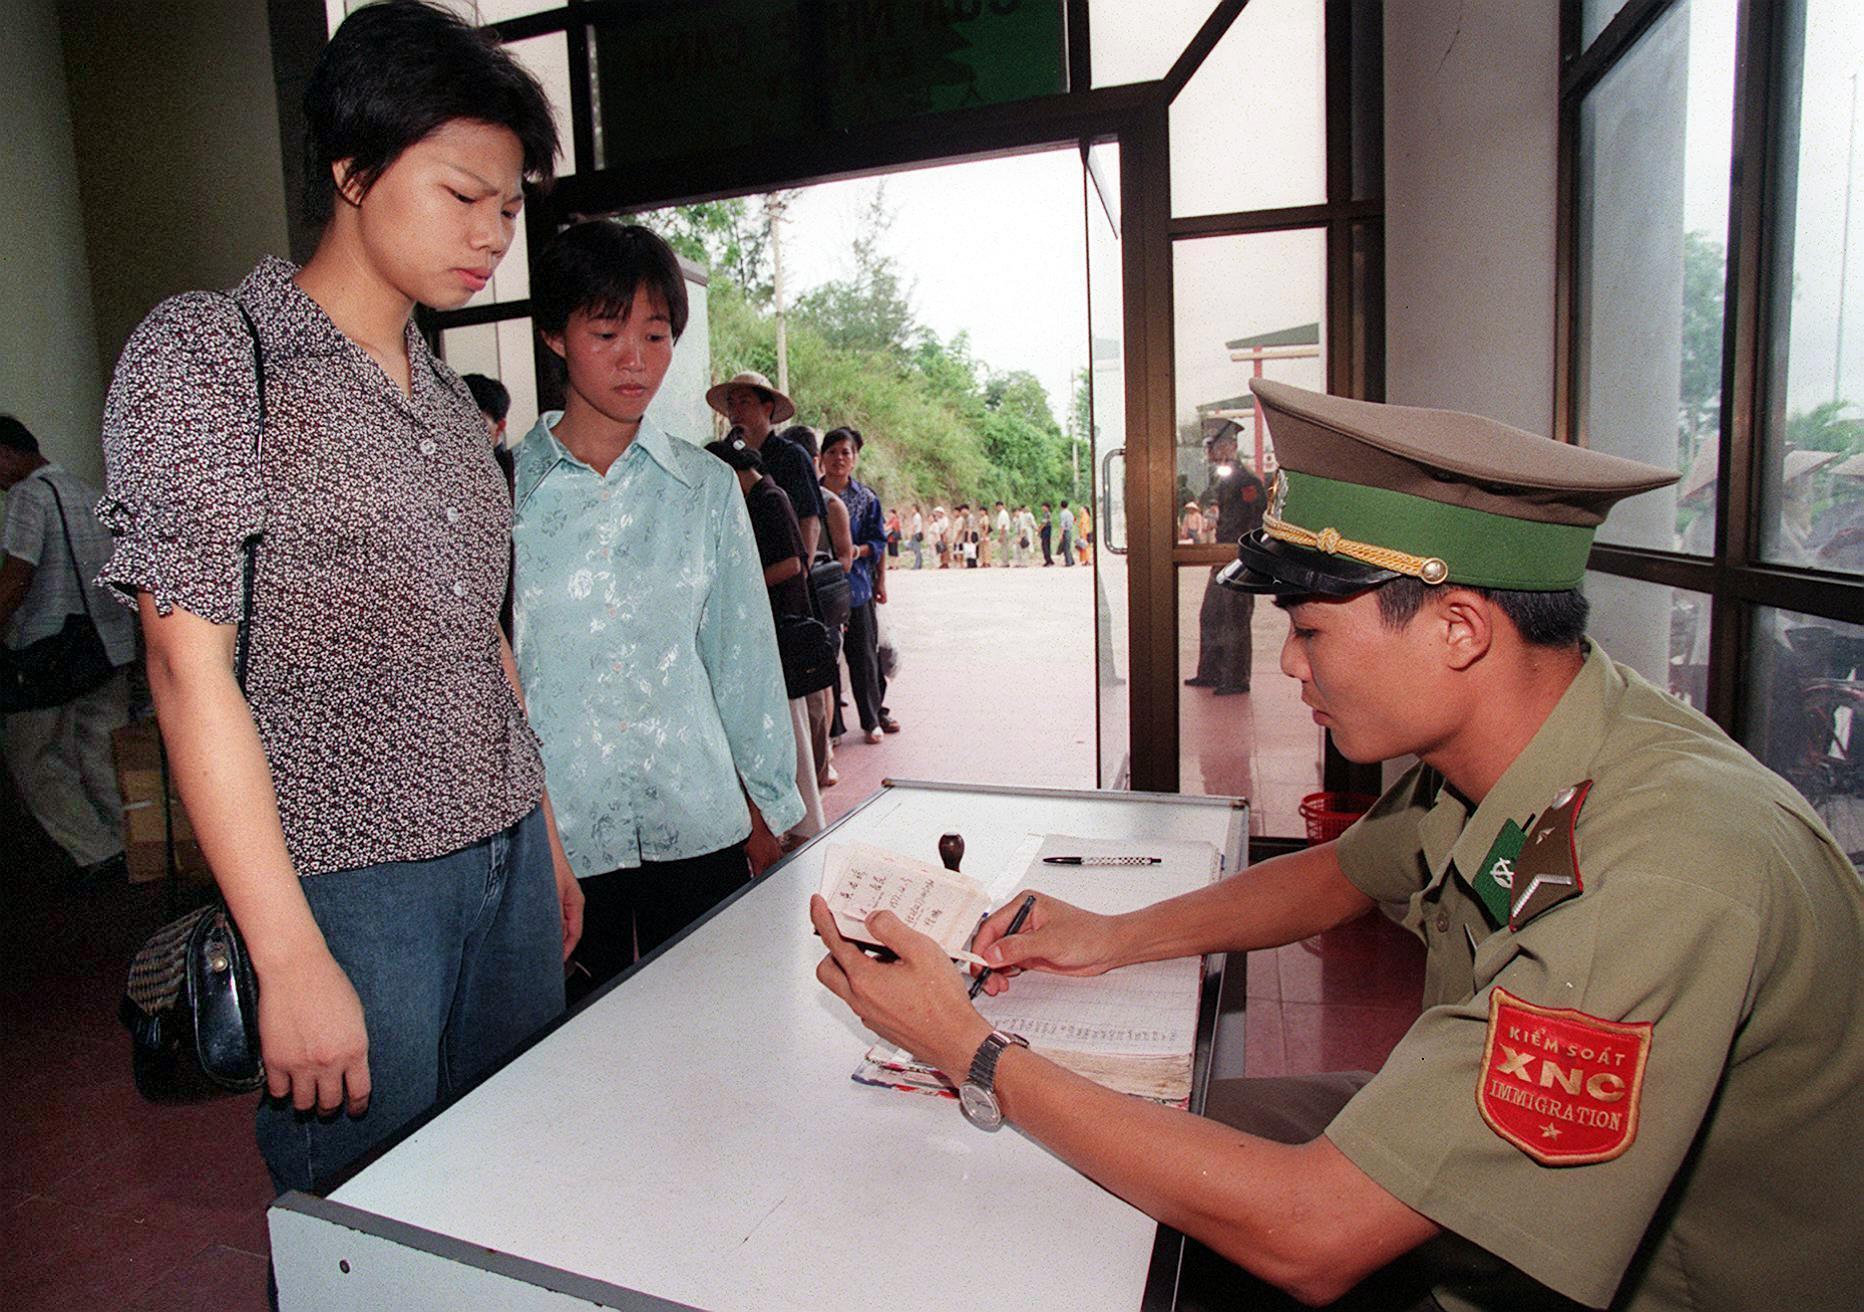 Biên phòng Việt Nam kiểm tra giấy tờ du khách và thương gia Trung Quốc tại một cửa khẩu Việt Nam. Ảnh chụp ngày 24/06/1999.